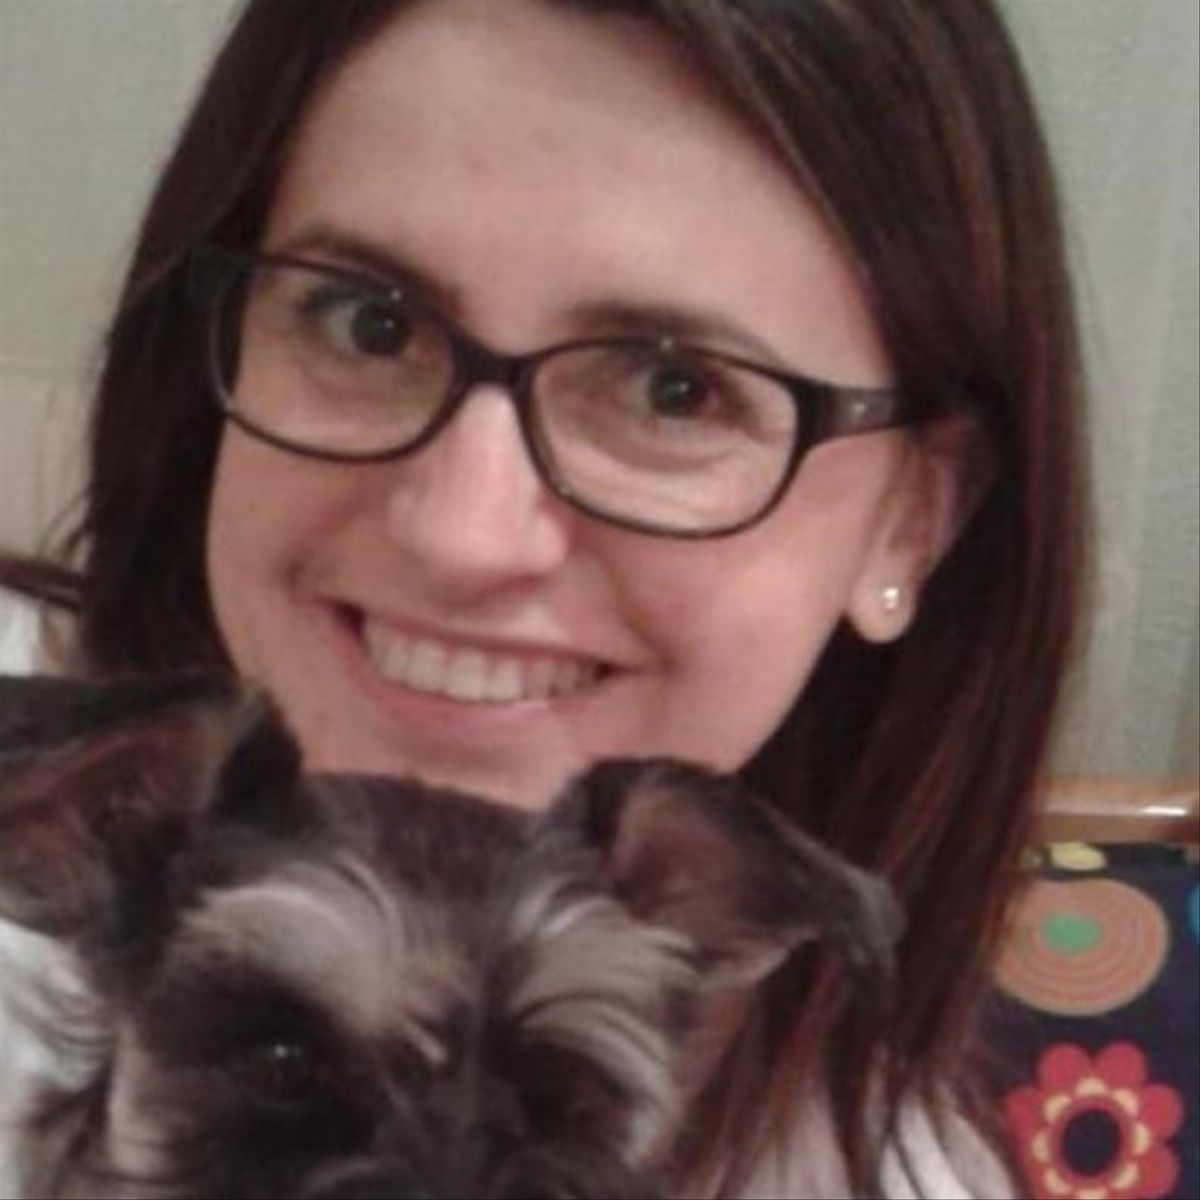 La mujer, de 45 años y funcionaria del juzgado, fue atacada mientras paseaba a su perro.